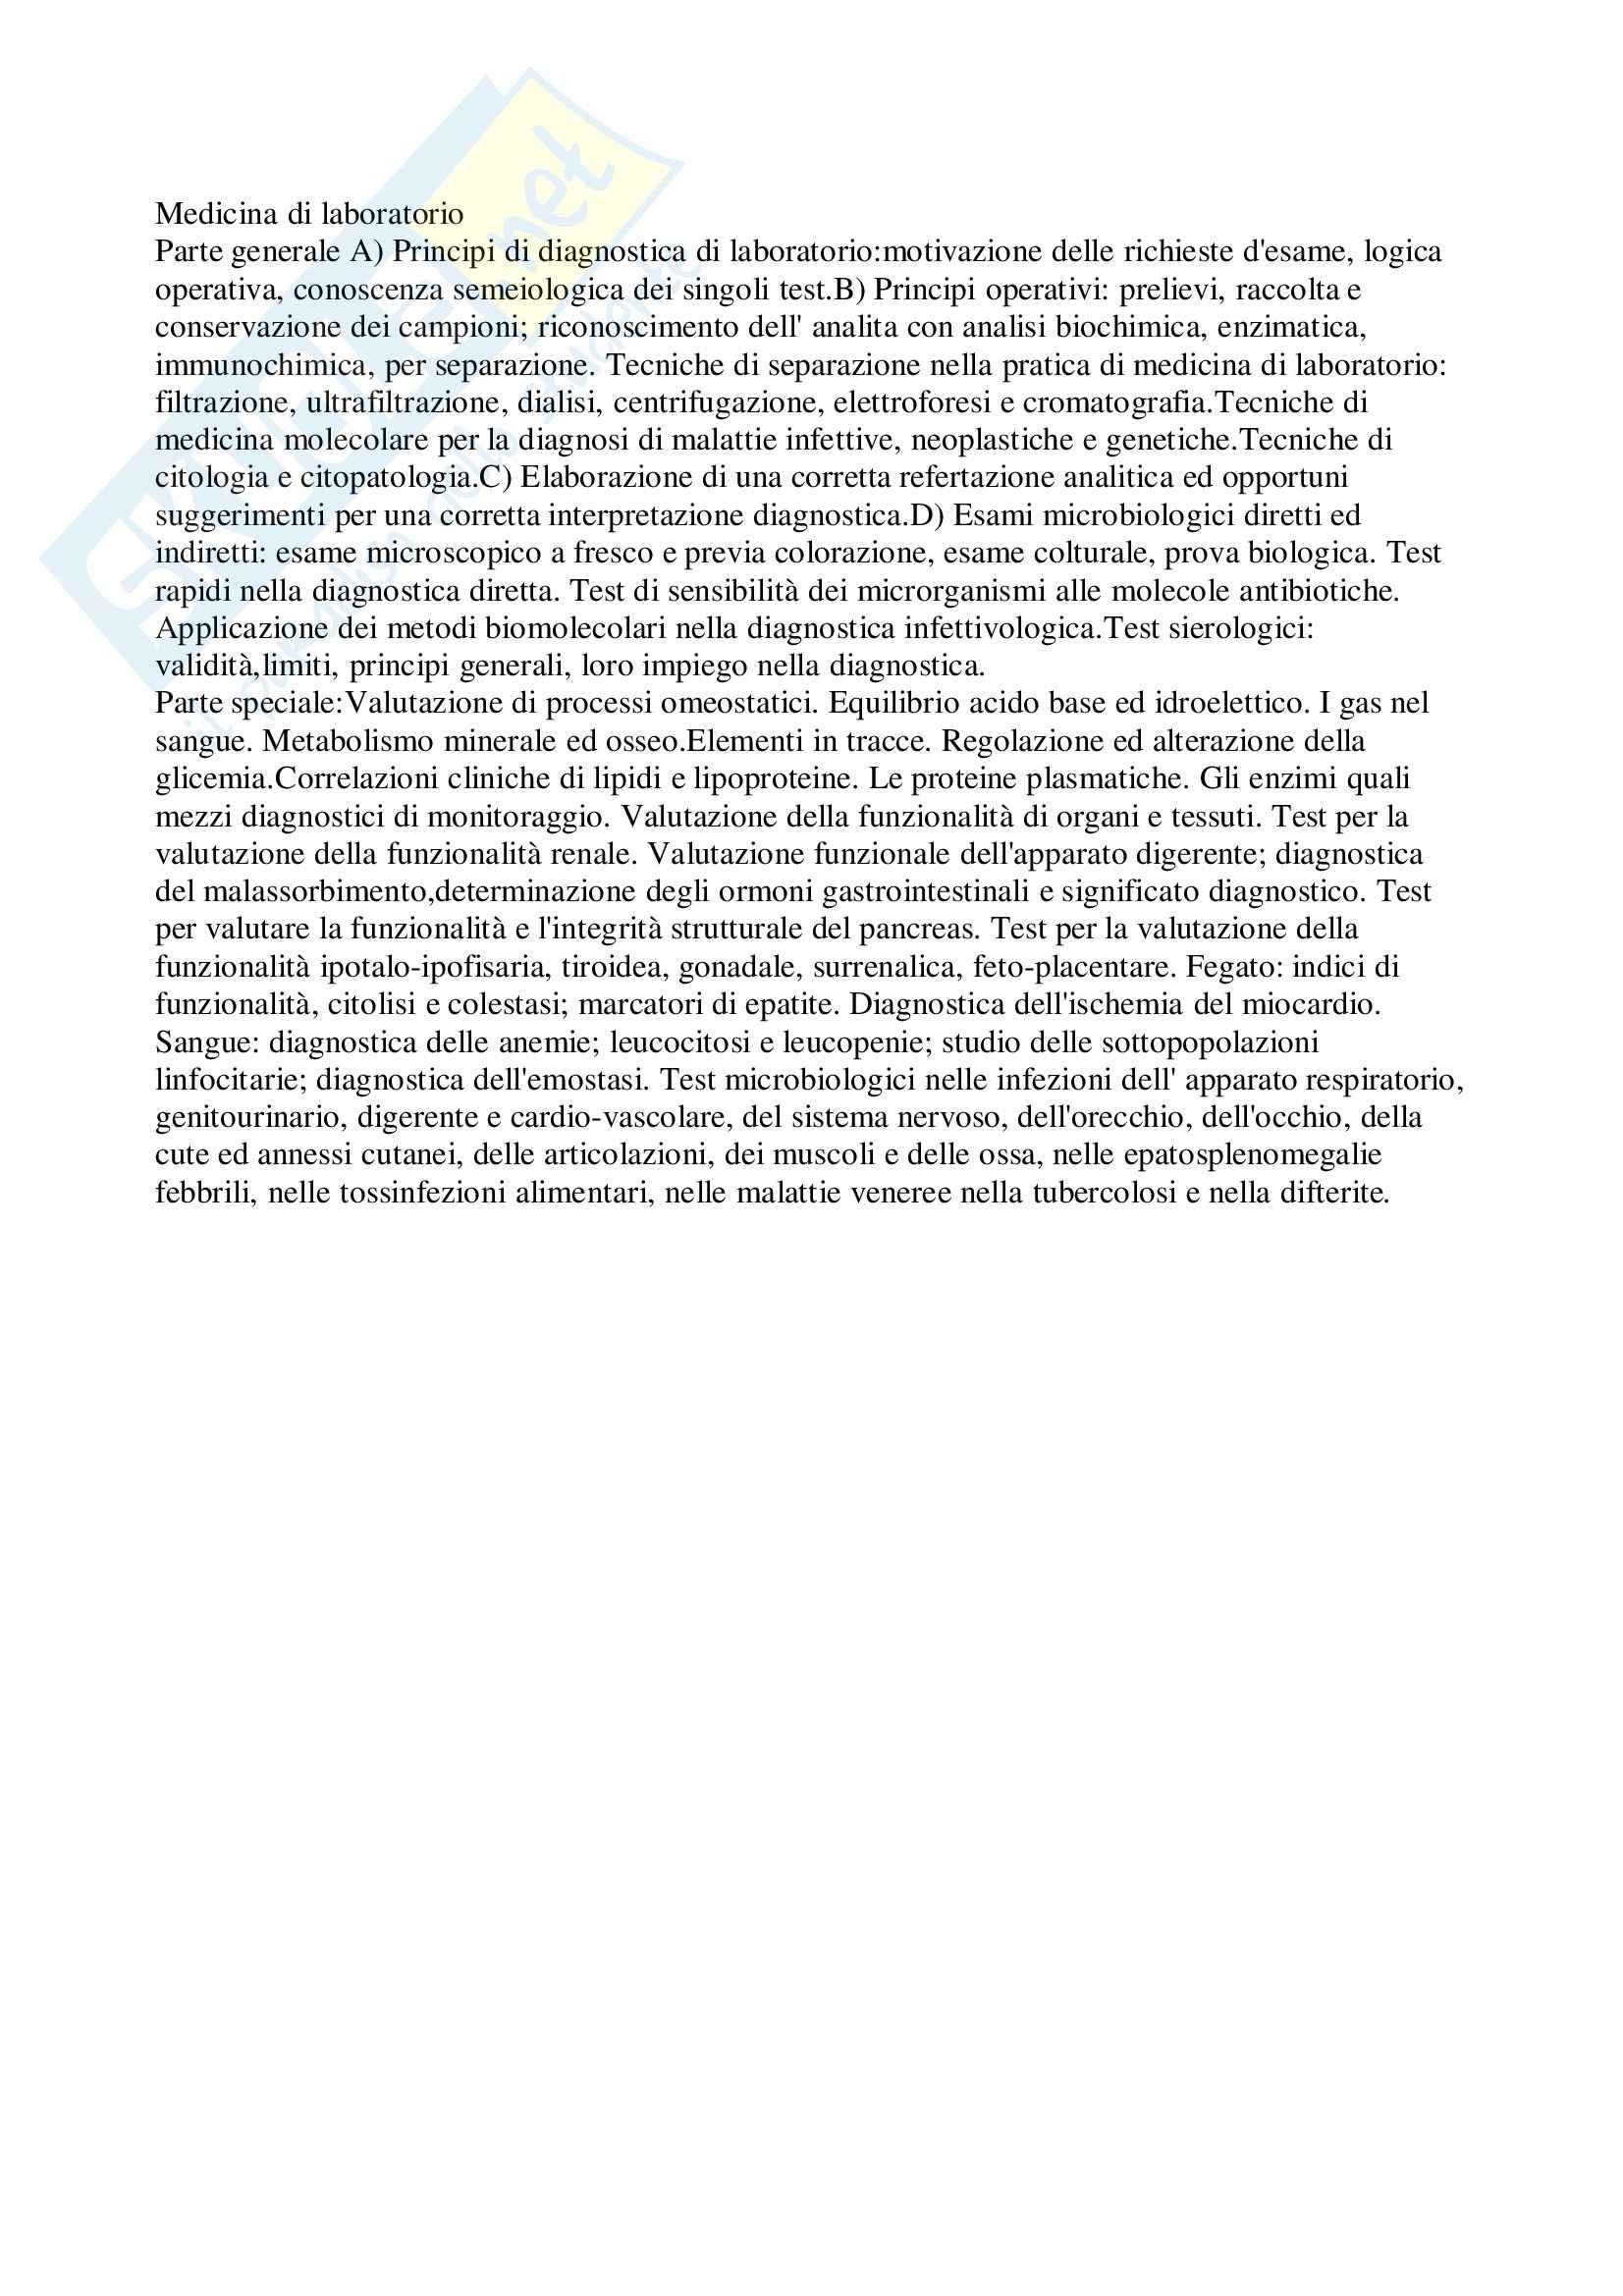 appunto T. Currà Medicina di laboratorio